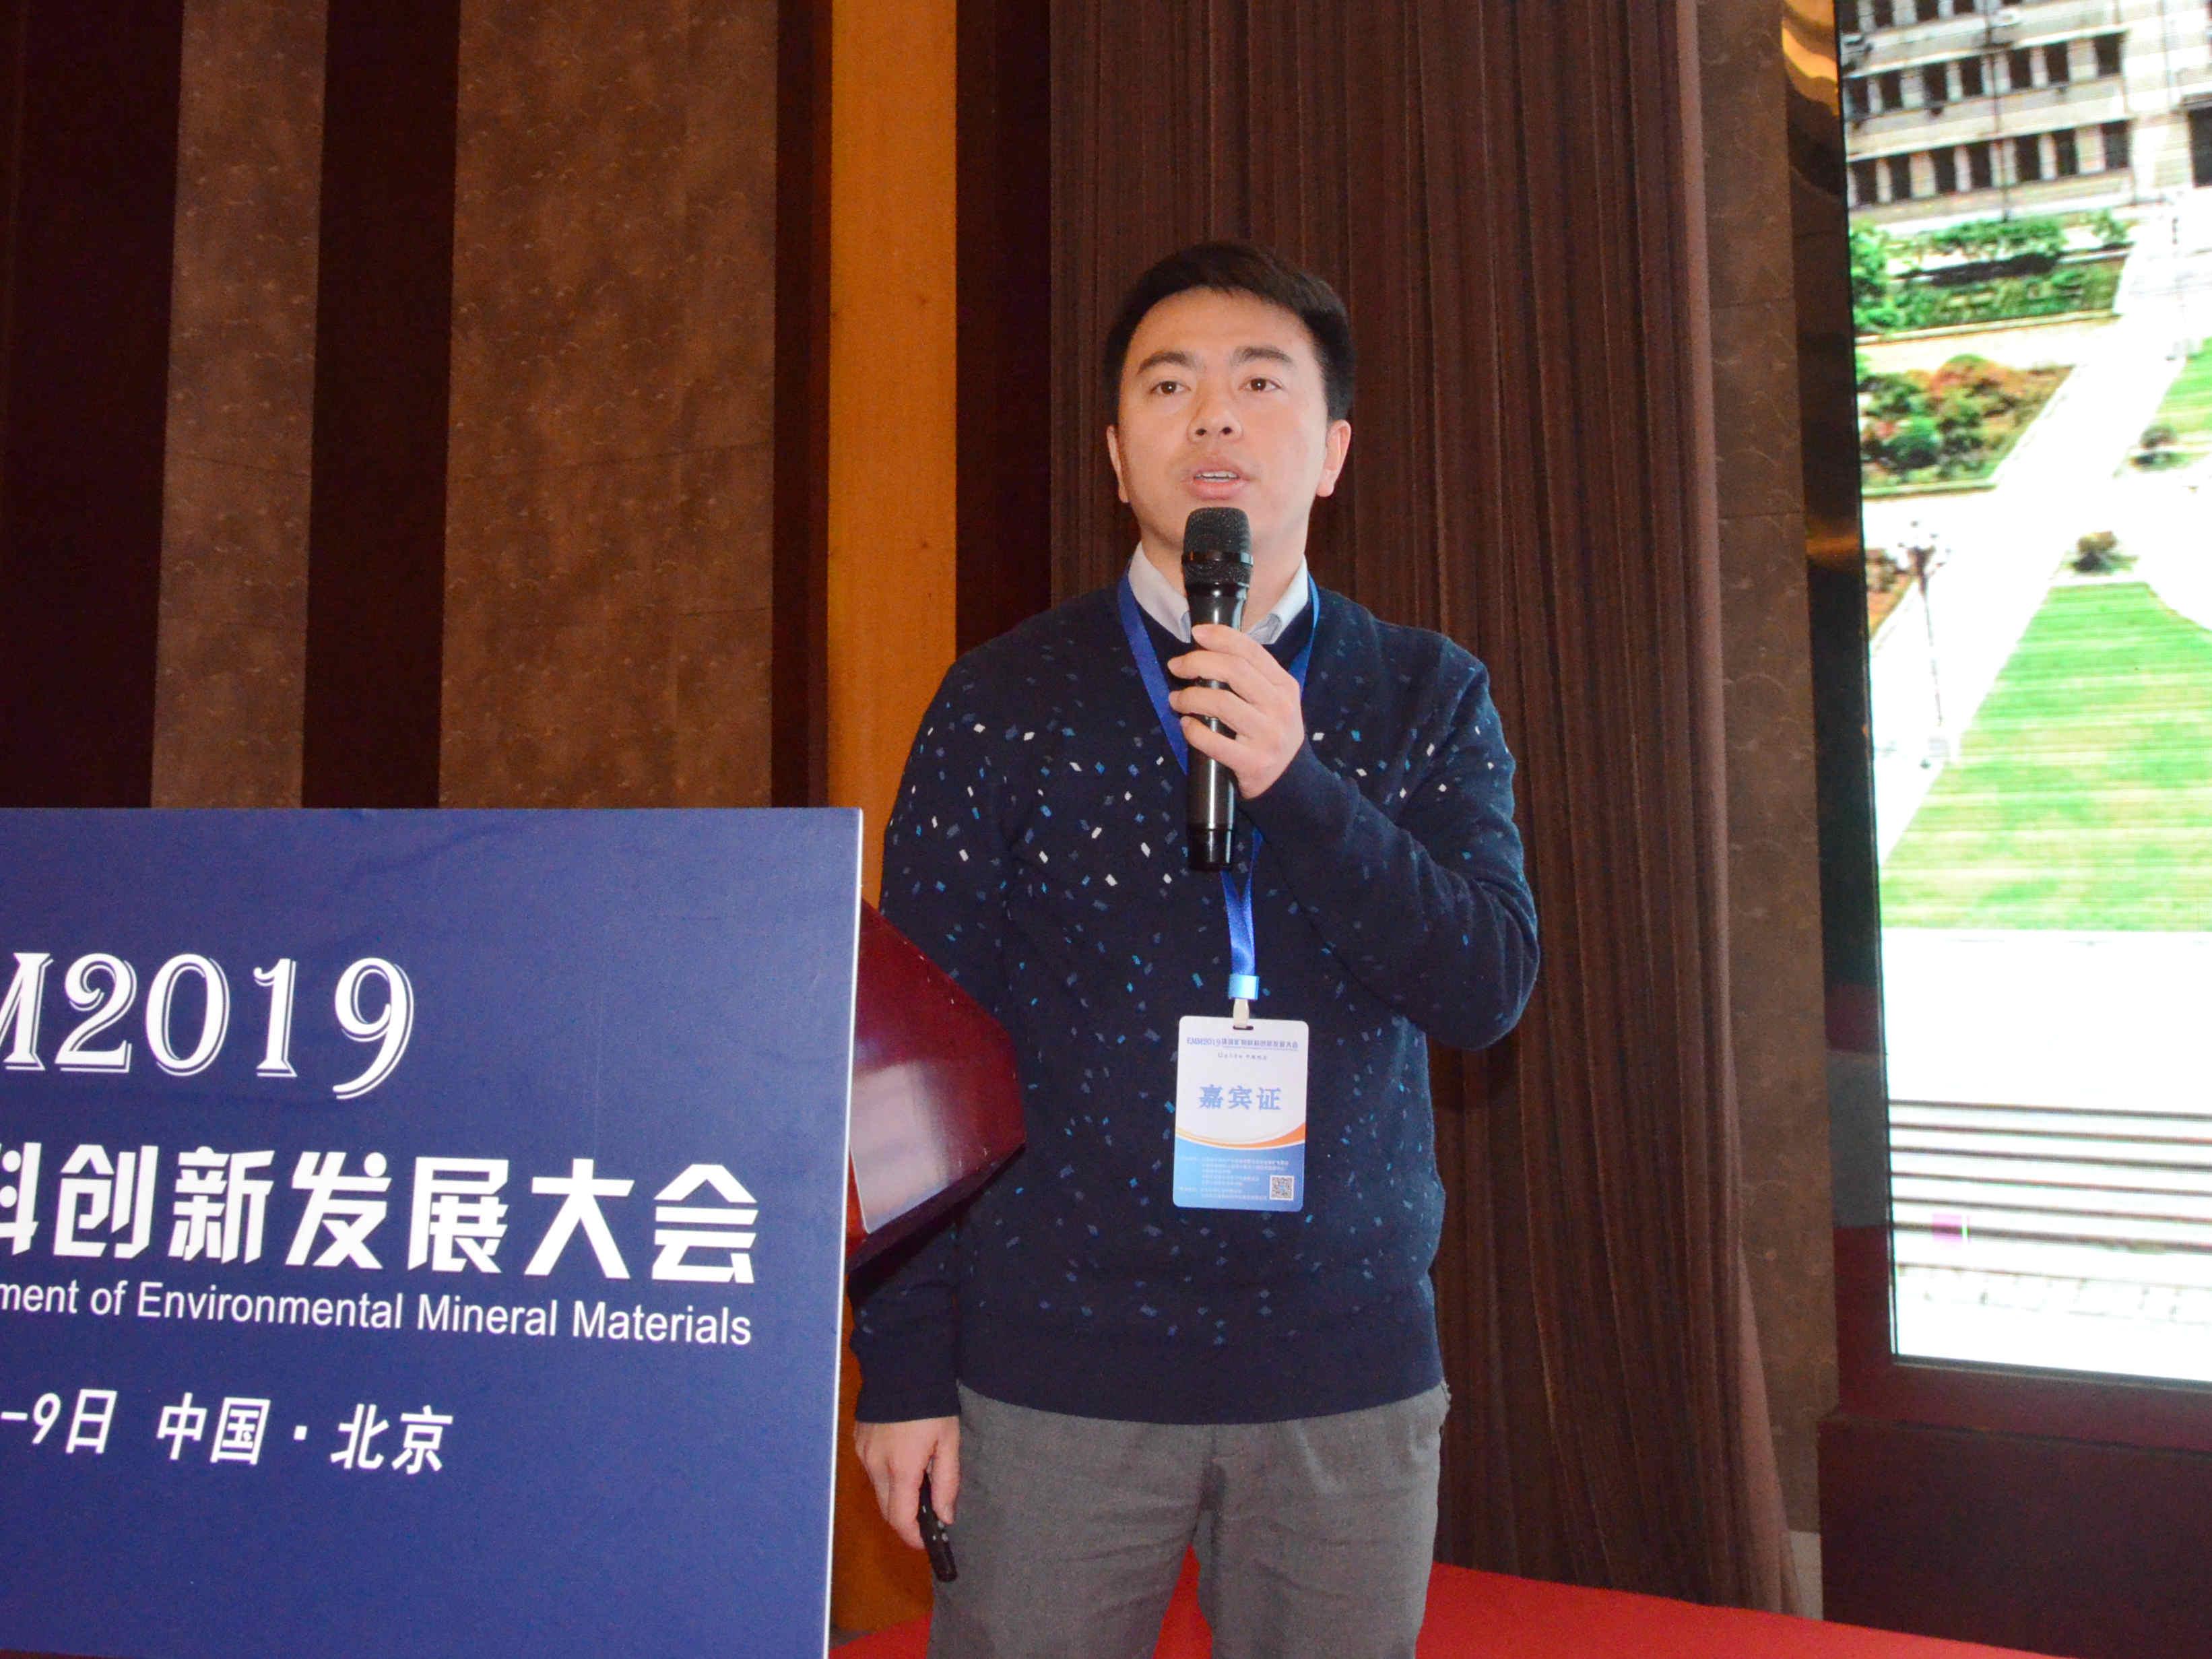 武汉理工大学资源与环境工程学院副教授任子杰作《煅烧硅藻土性能优化技术研究进展》专题报告